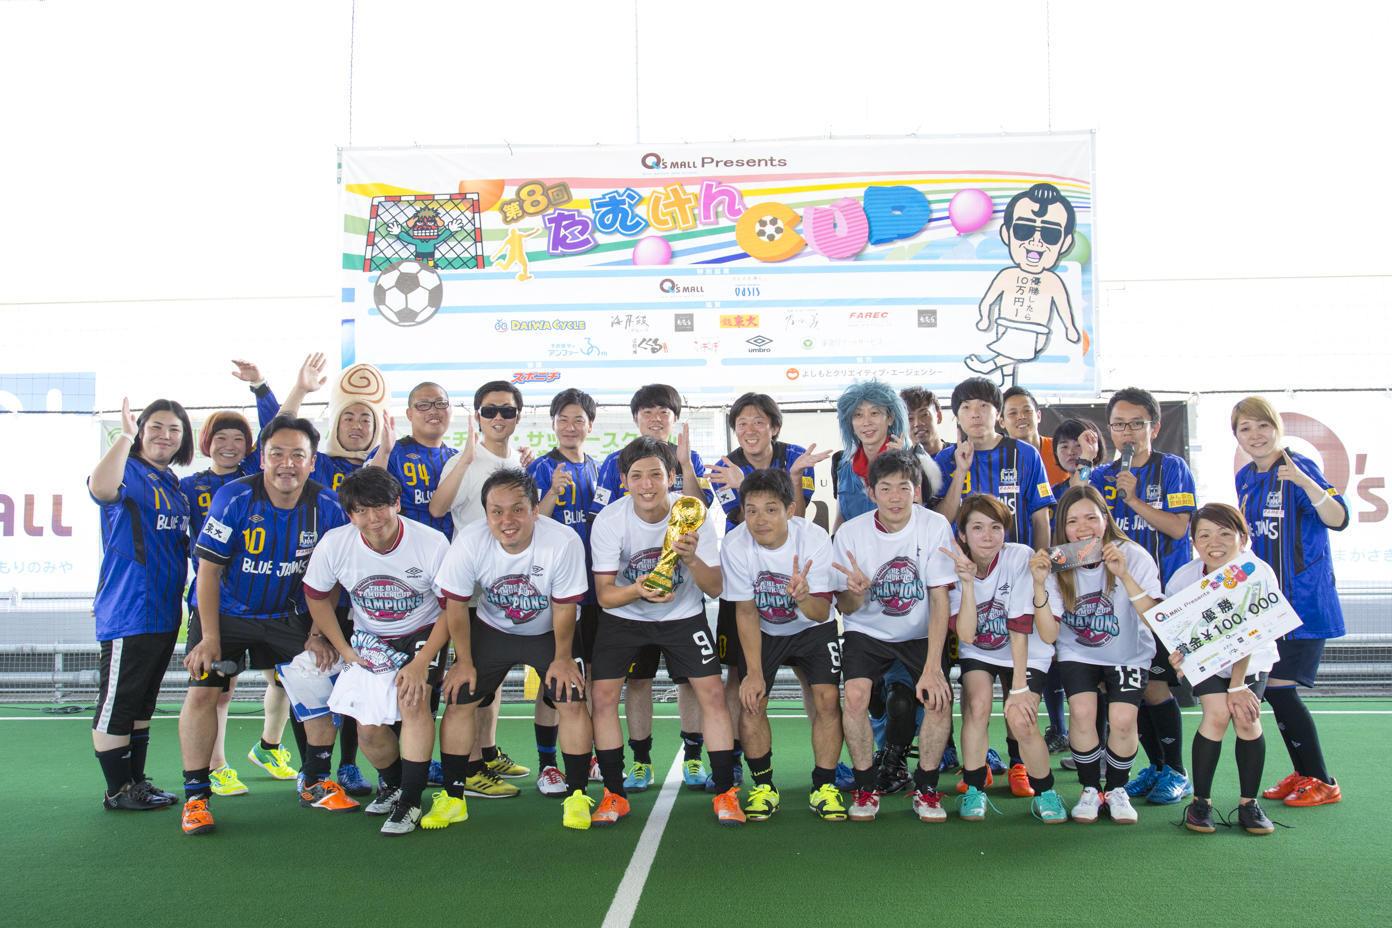 http://news.yoshimoto.co.jp/20170802174950-693ee184d104a55a08c86def7b3405241b8294ab.jpg